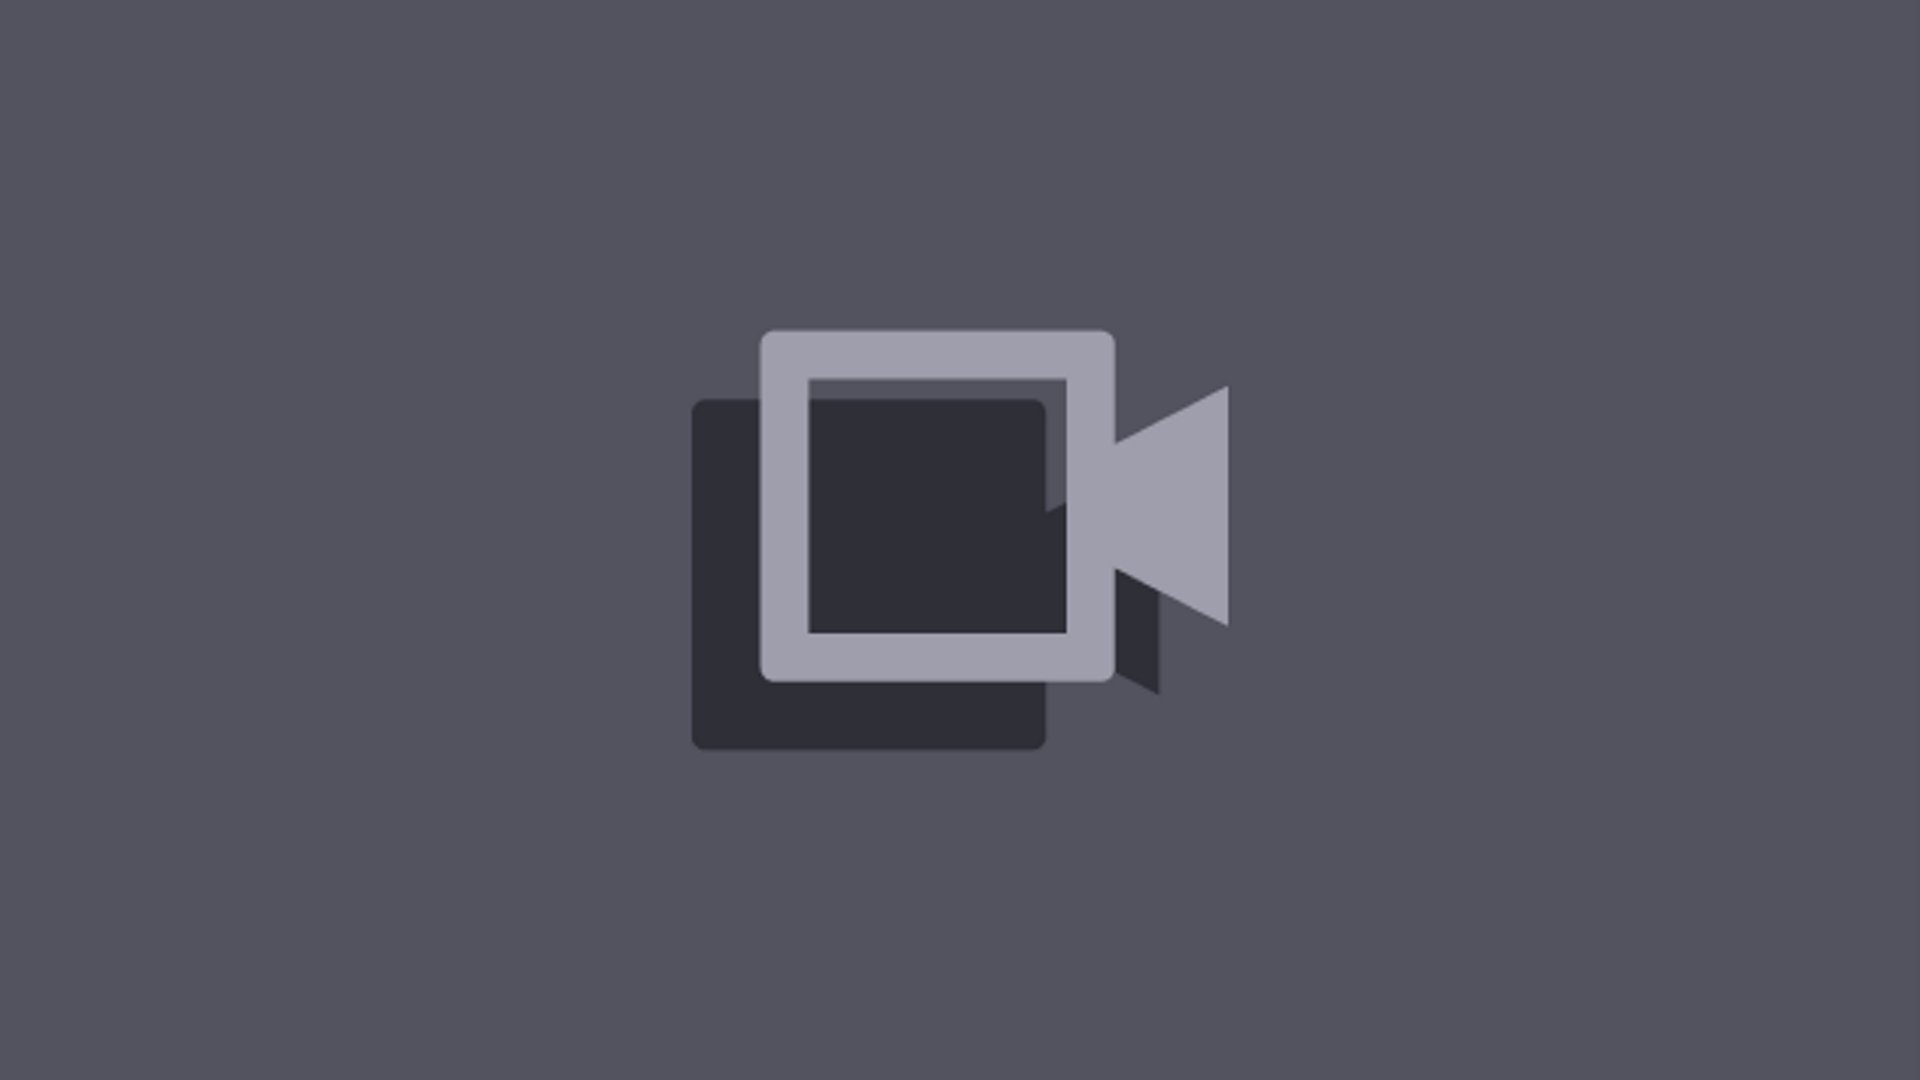 【阿默】Minecraft休閒日常 開放同遊 版本:1.11.2 IP:amominecraft1.ddns.net